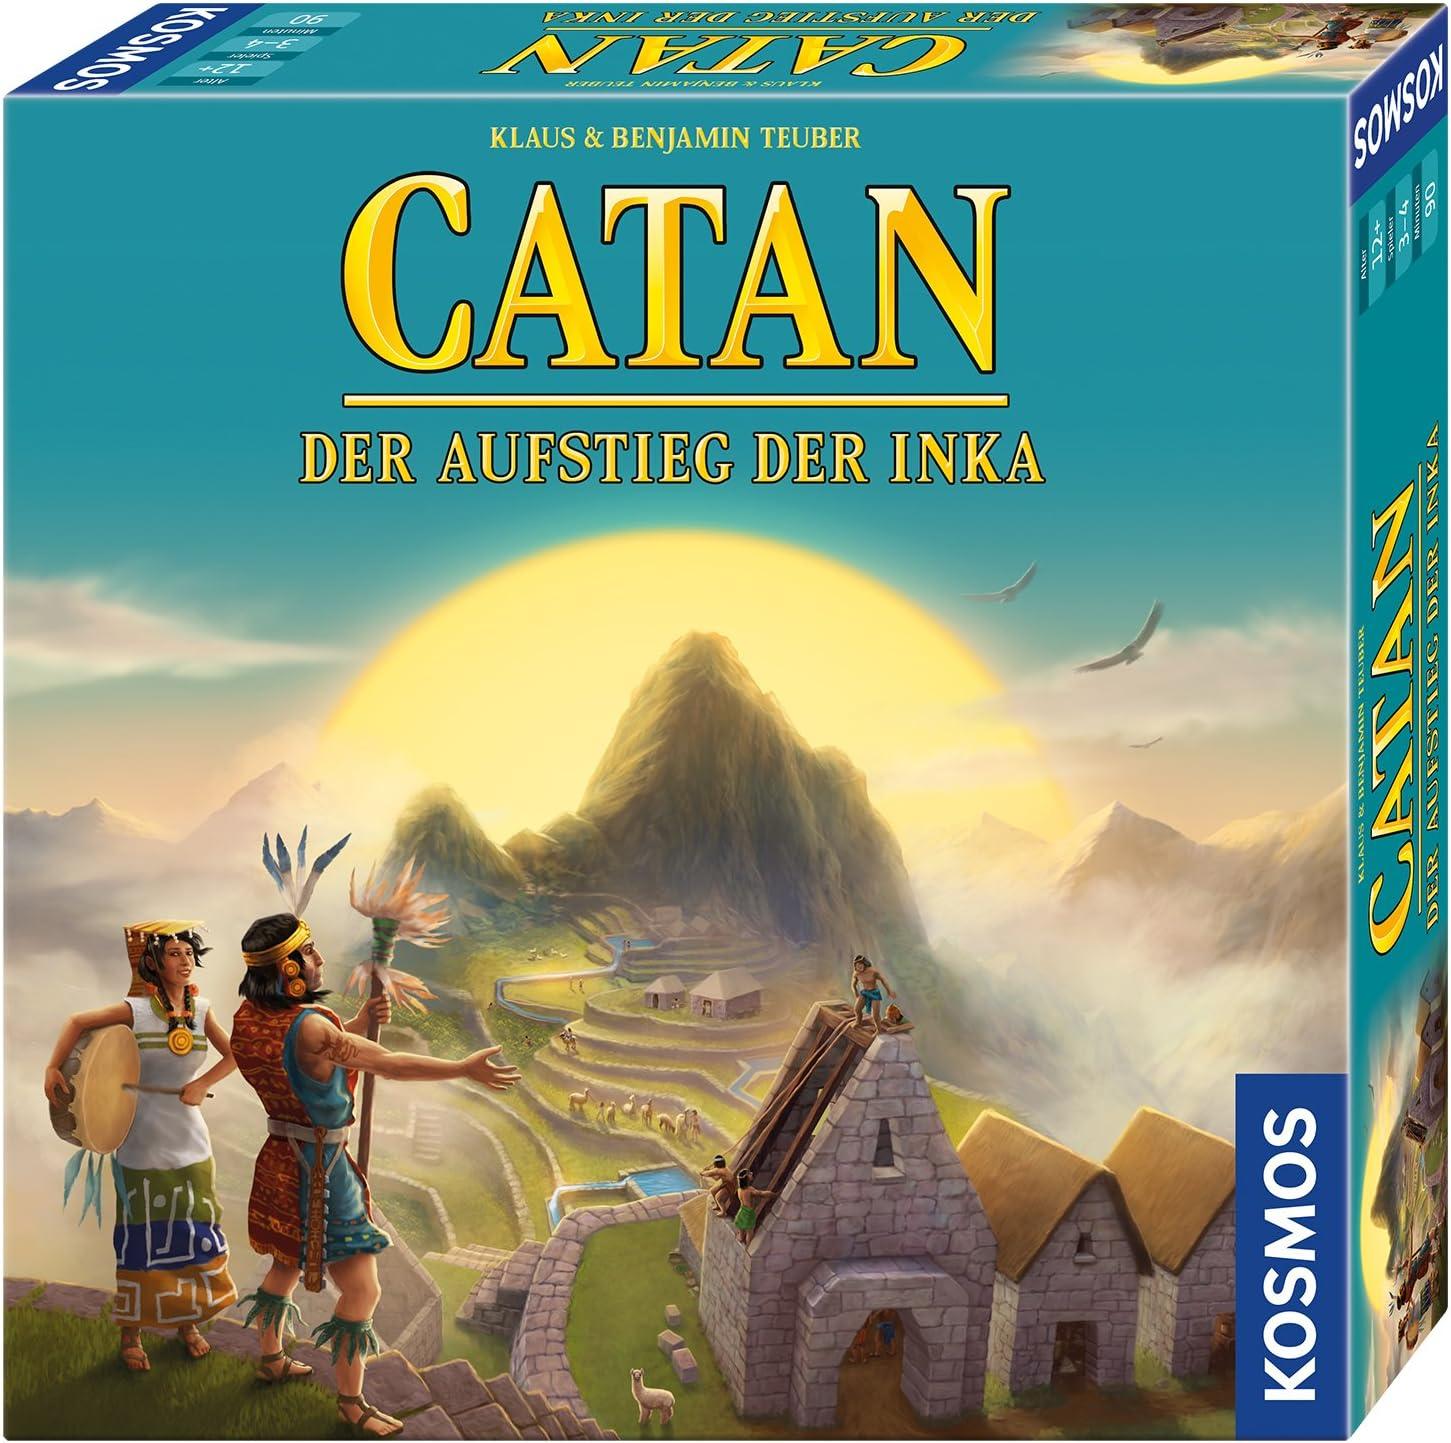 CATAN - Der Aufstieg der Inka: Für 3 - 4 Spieler ab 12 Jahren: Teuber, Klaus, Teuber, Benjamin: Amazon.es: Juguetes y juegos